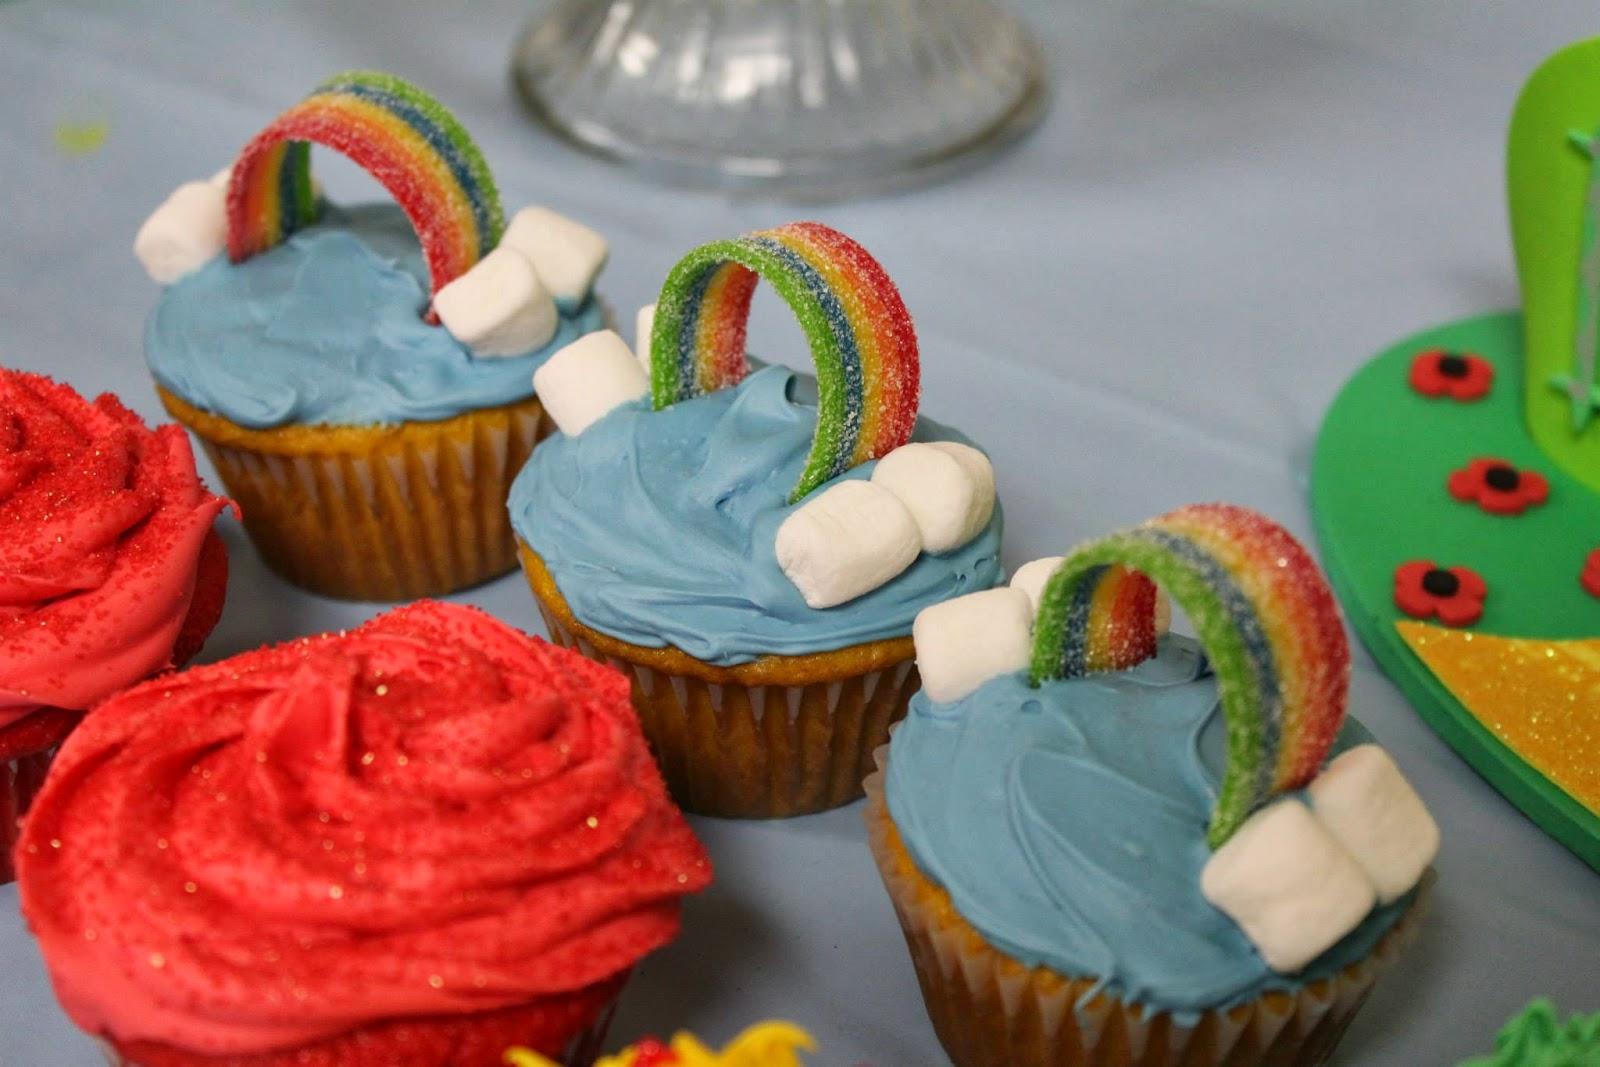 Oz Of Cake Batter In Mini Cupcakes